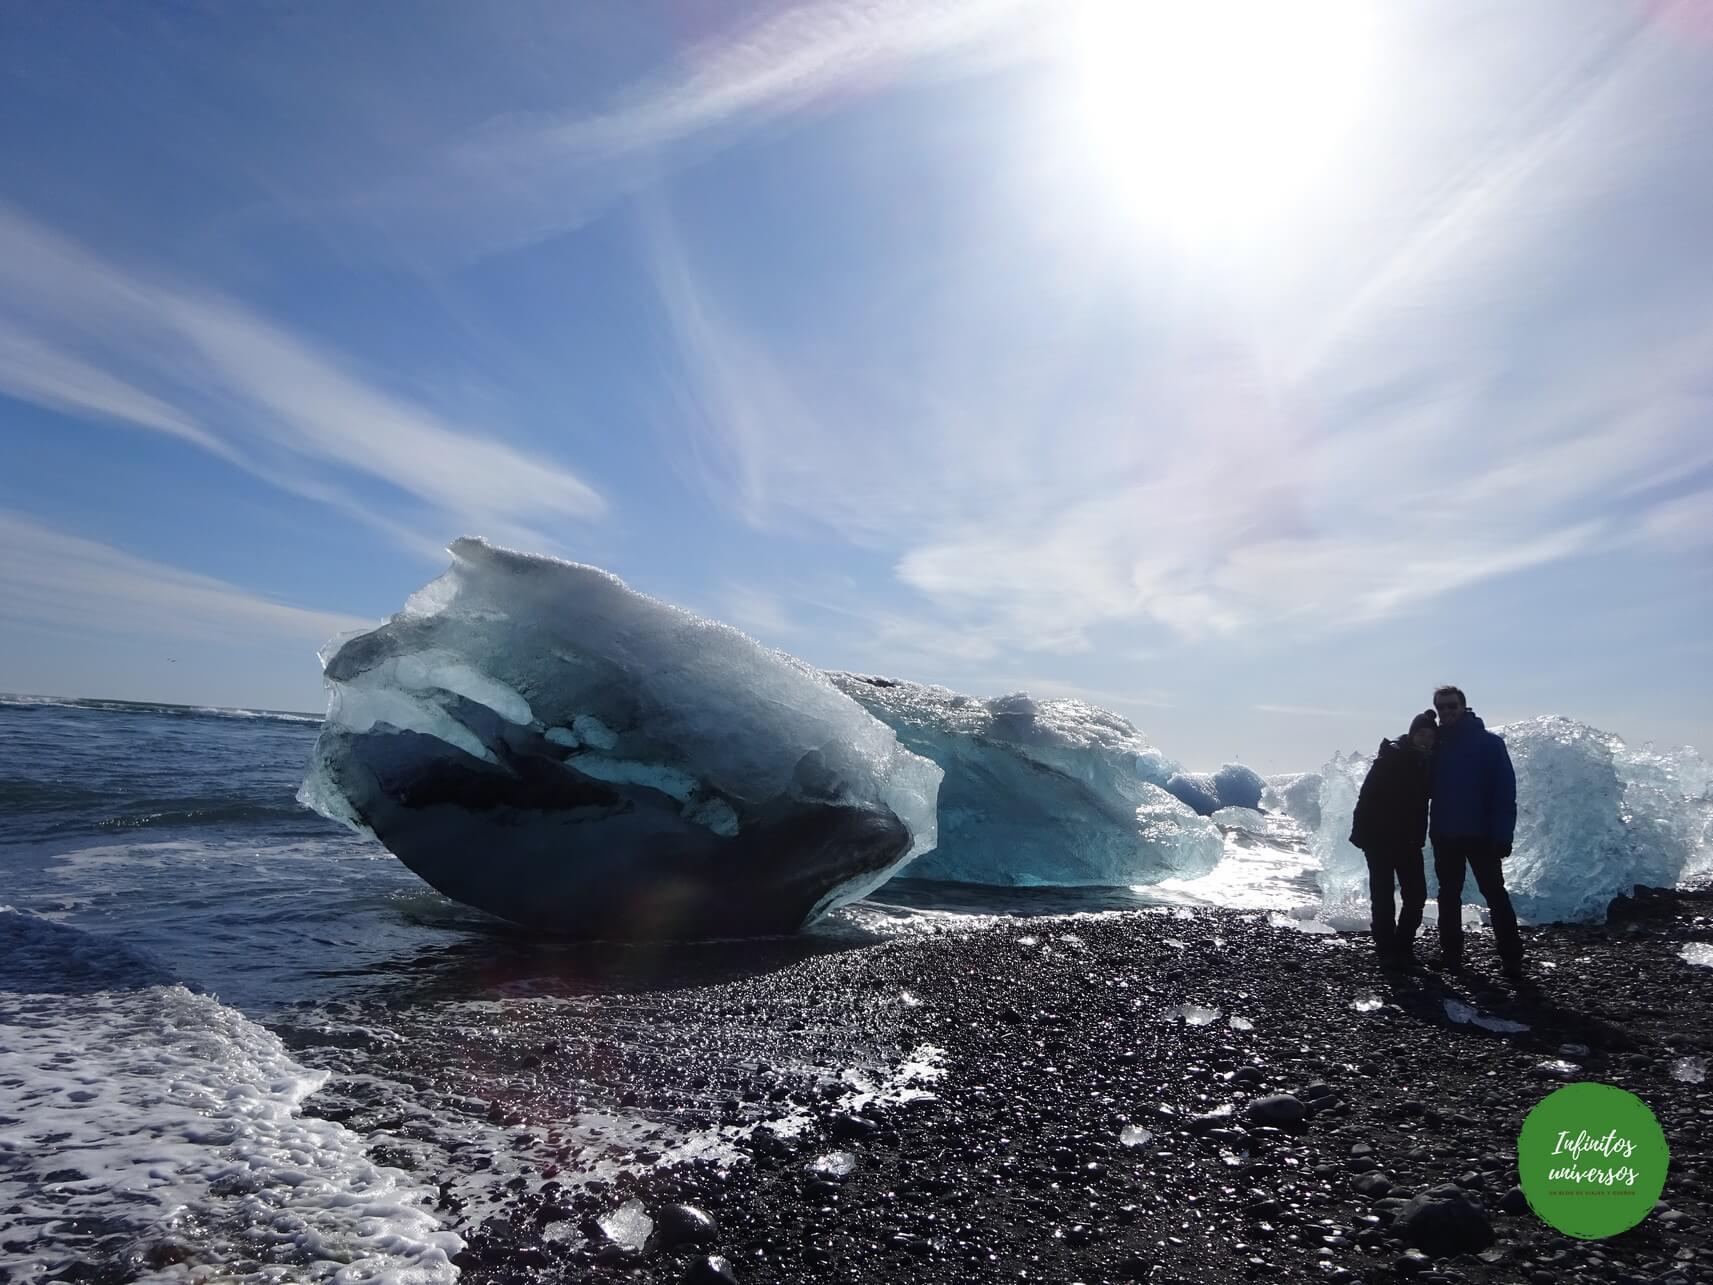 Playa de los Diamantes islandia Lago glaciar Jökulsárlón viajes a islandia